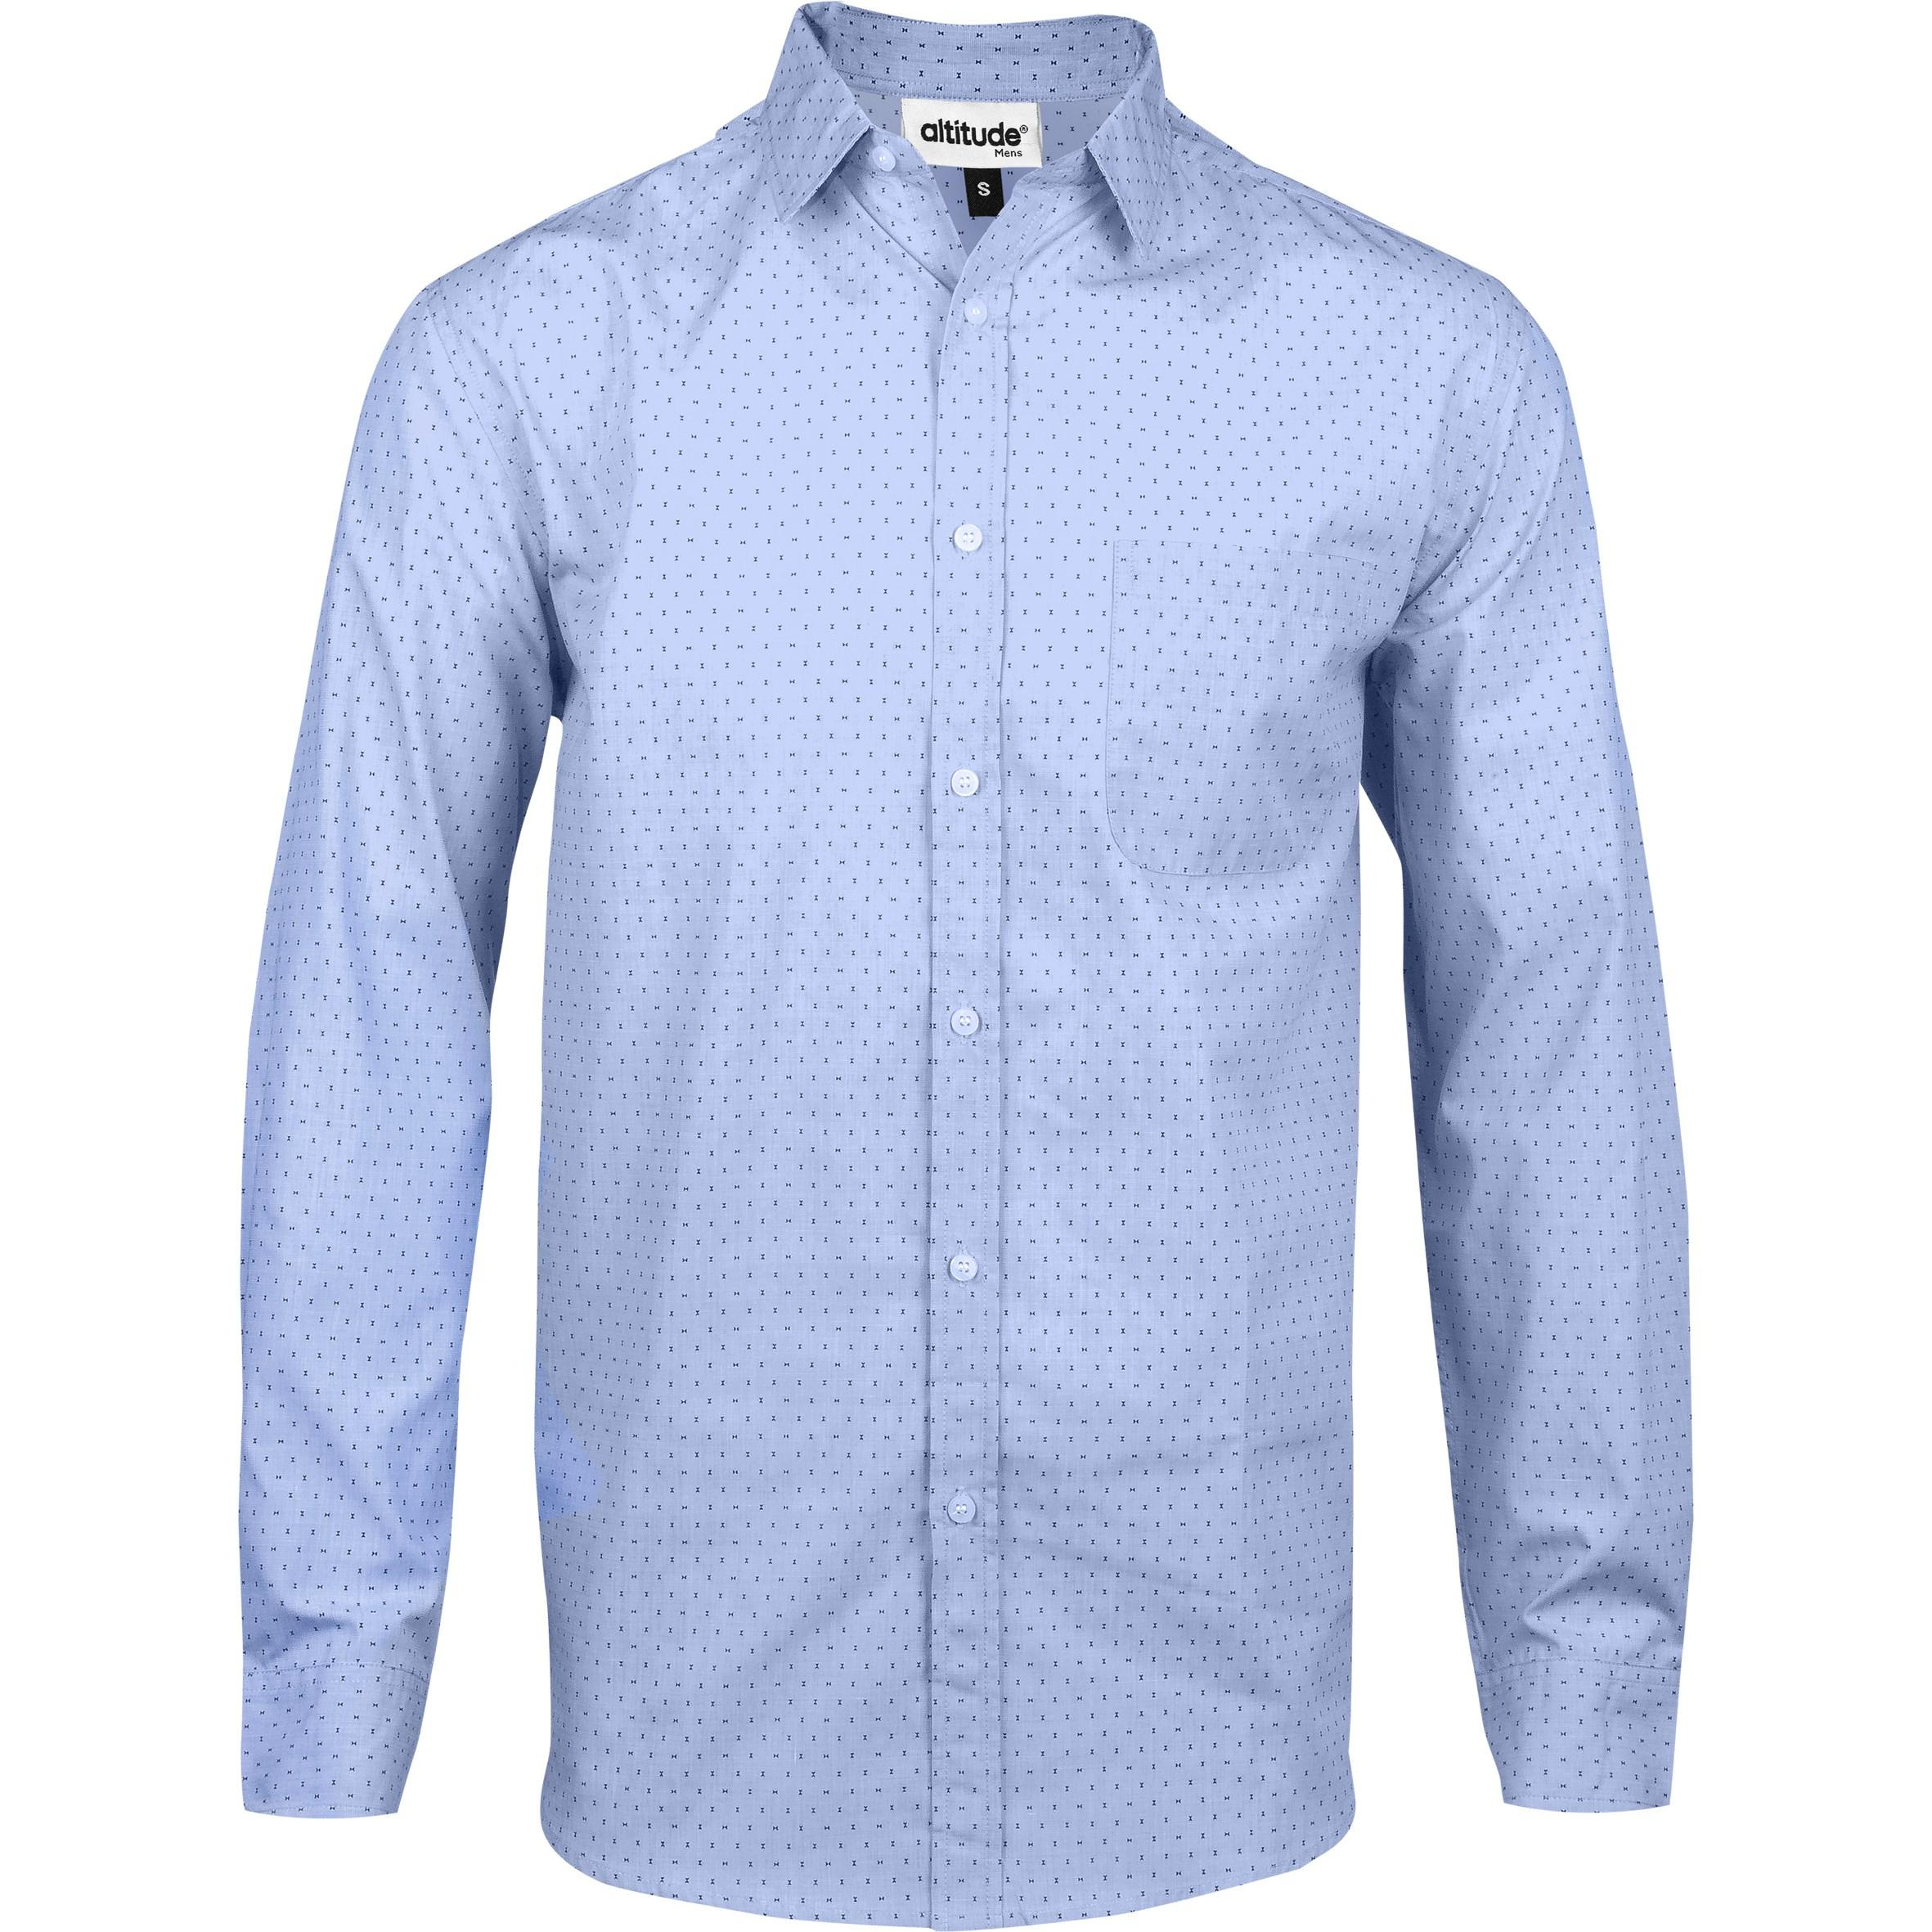 Mens Long Sleeve Duke Shirt - Light Blue Only